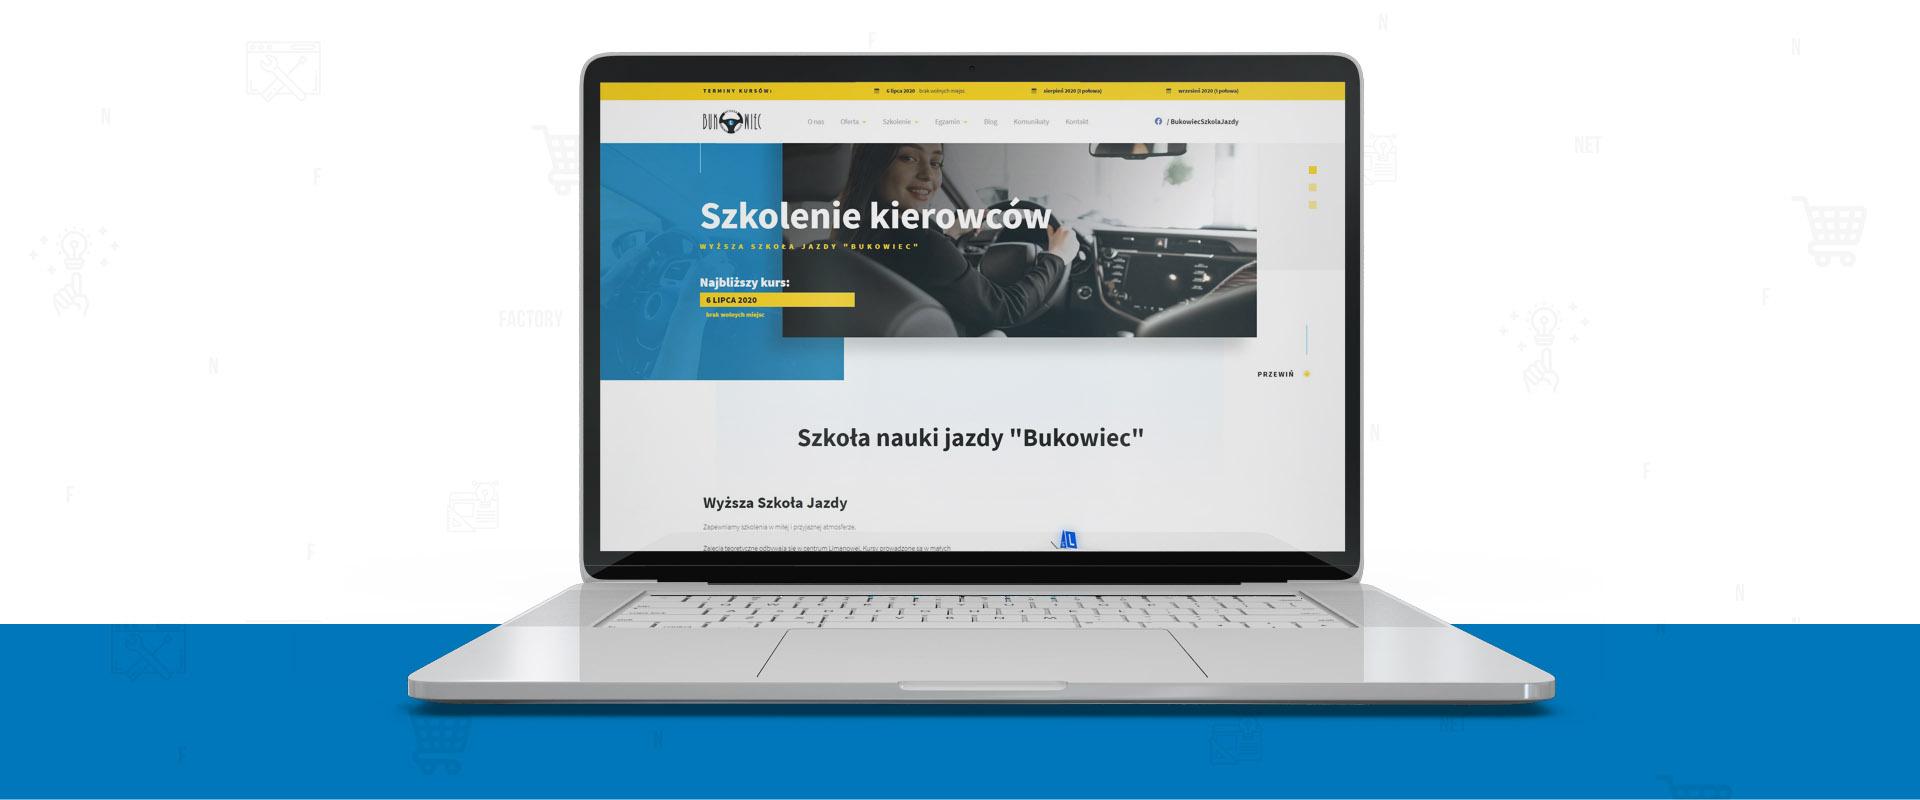 """Strona www dla Wyższej Szkoły Jazdy """"Bukowiec"""" z Limanowej"""